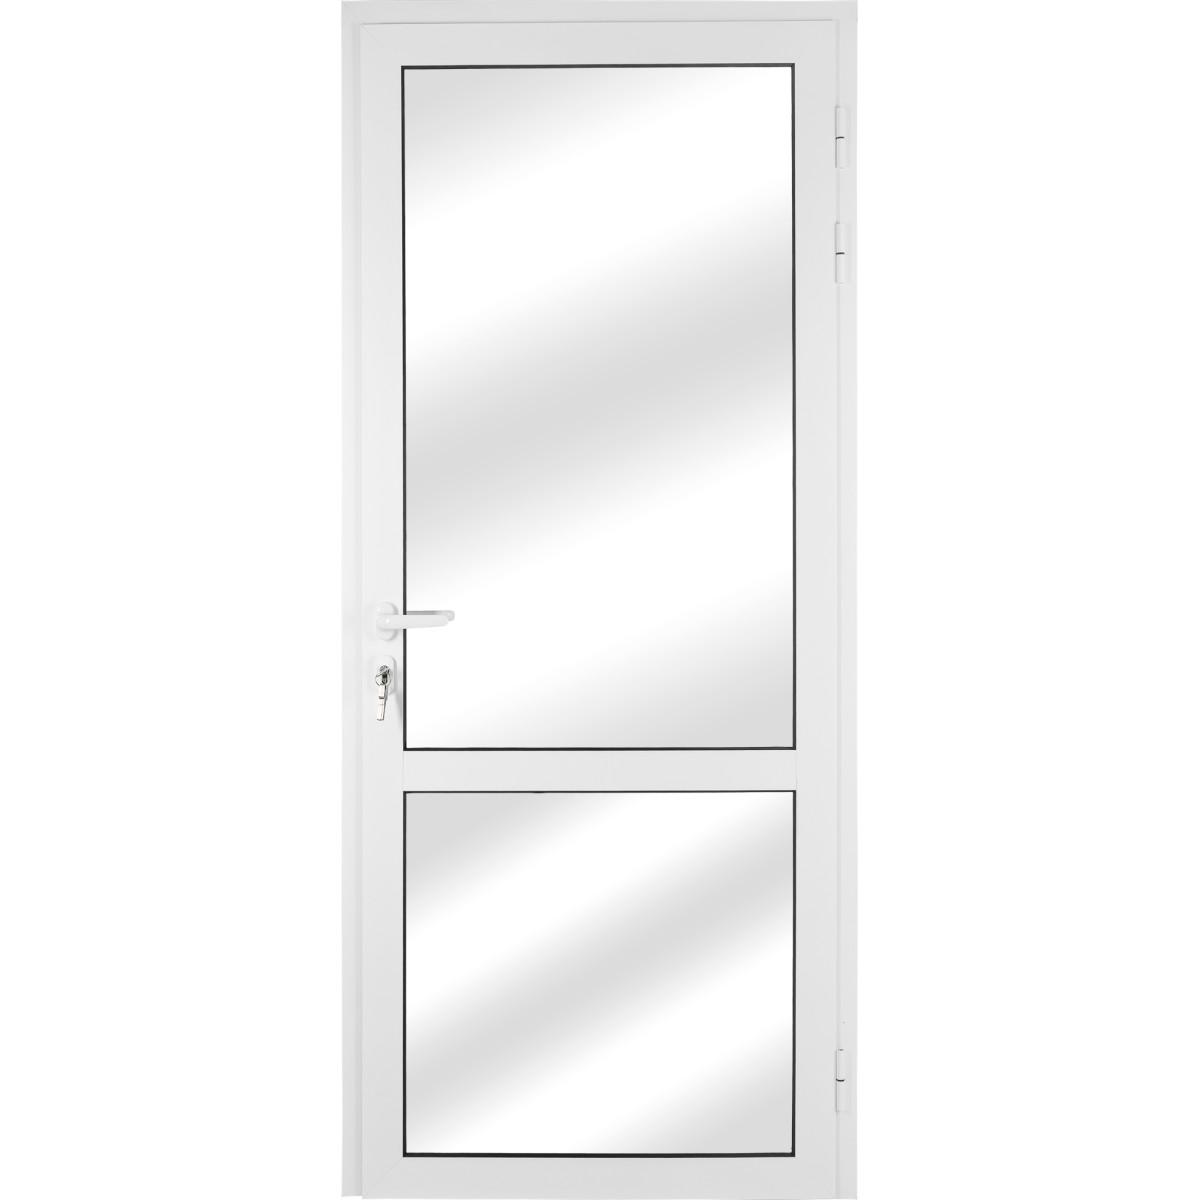 Алюминиевое ограждение балкона правое 210x90 см белый